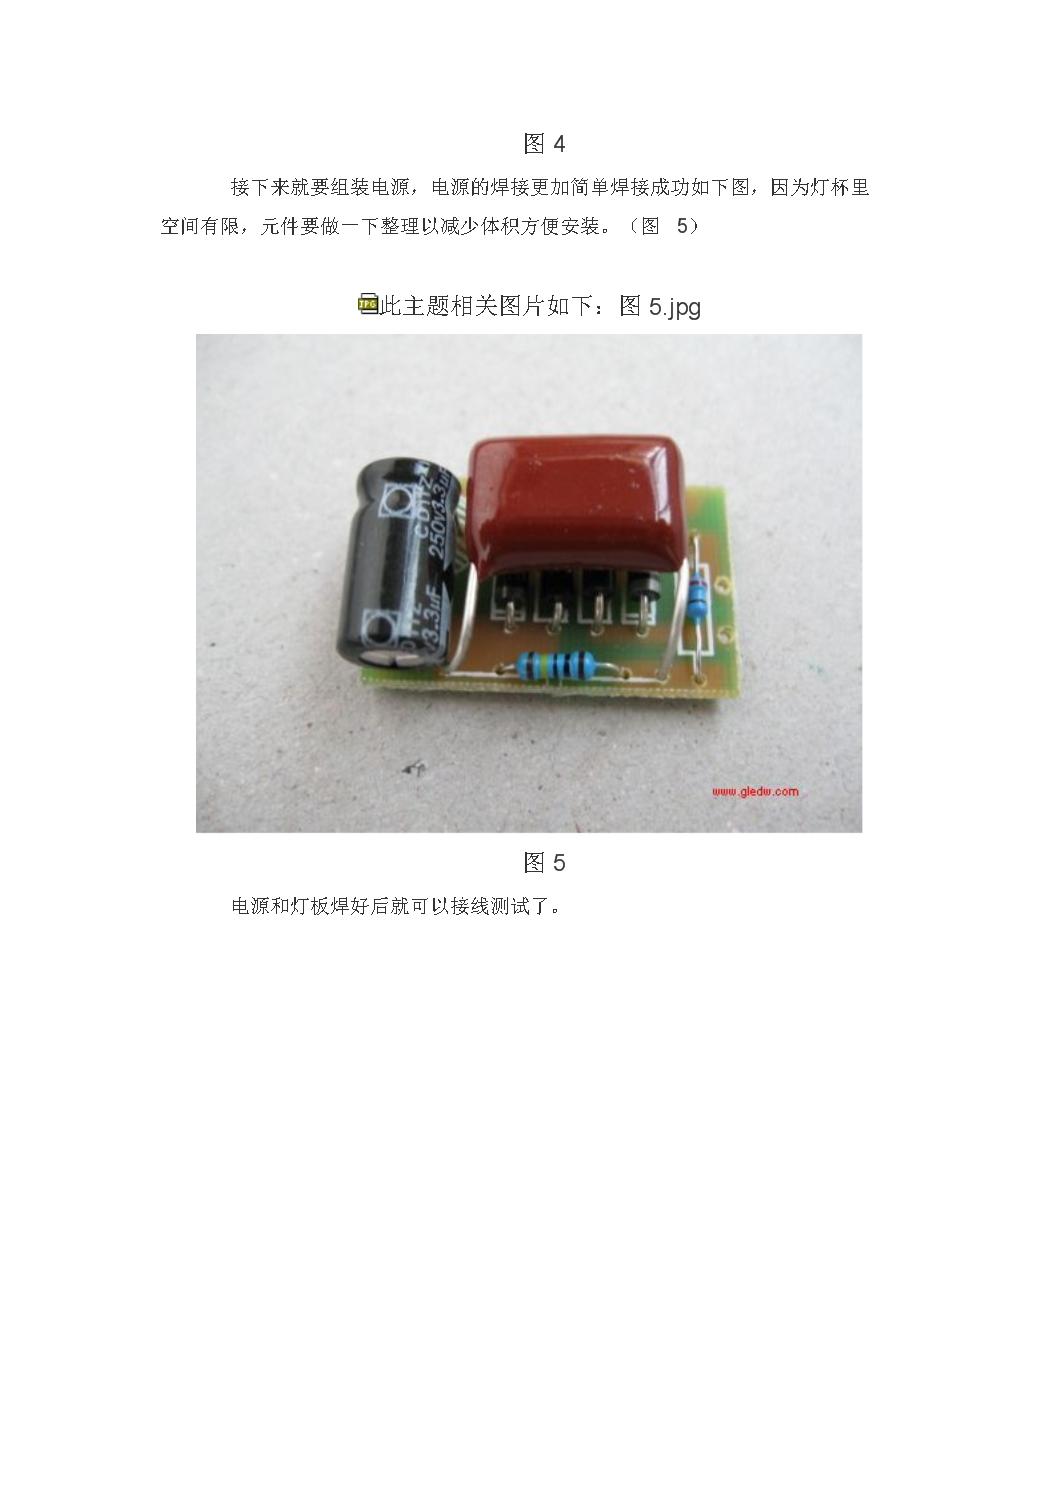 led灯制作资料和led节能灯电路图